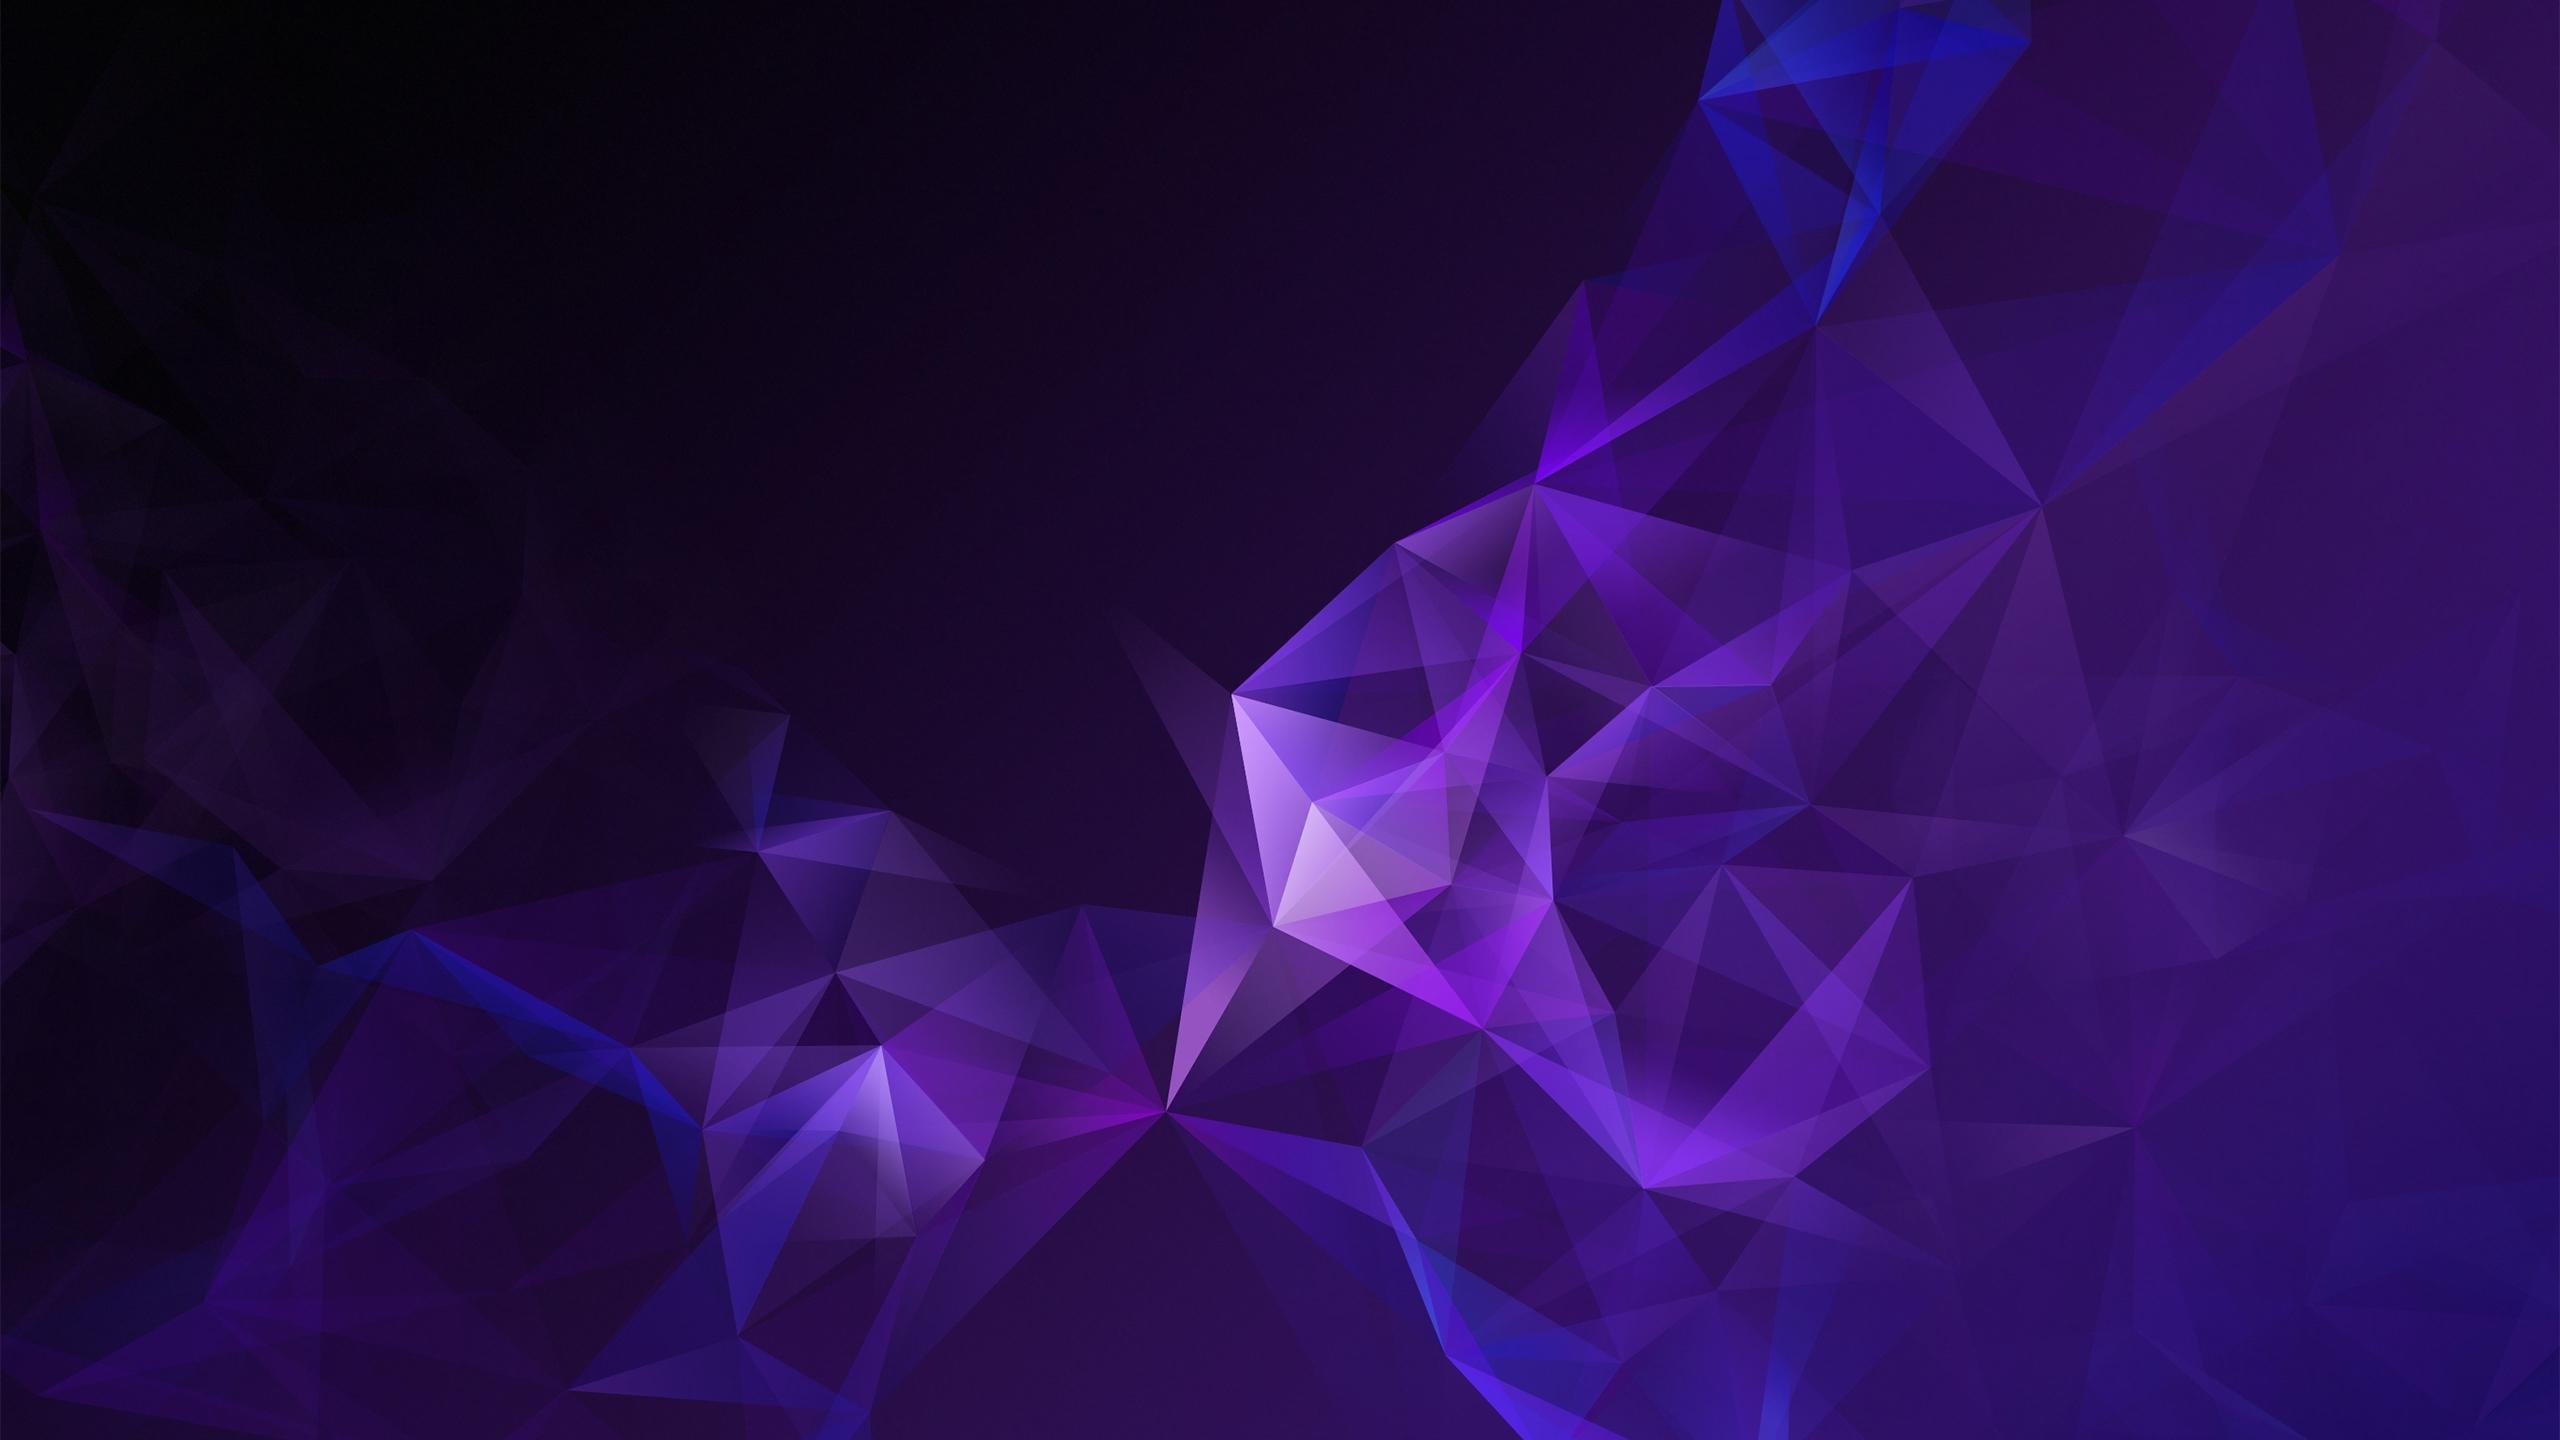 Purple Triangles, Low Poly, Geometric, Smoke - S9 Theme - HD Wallpaper